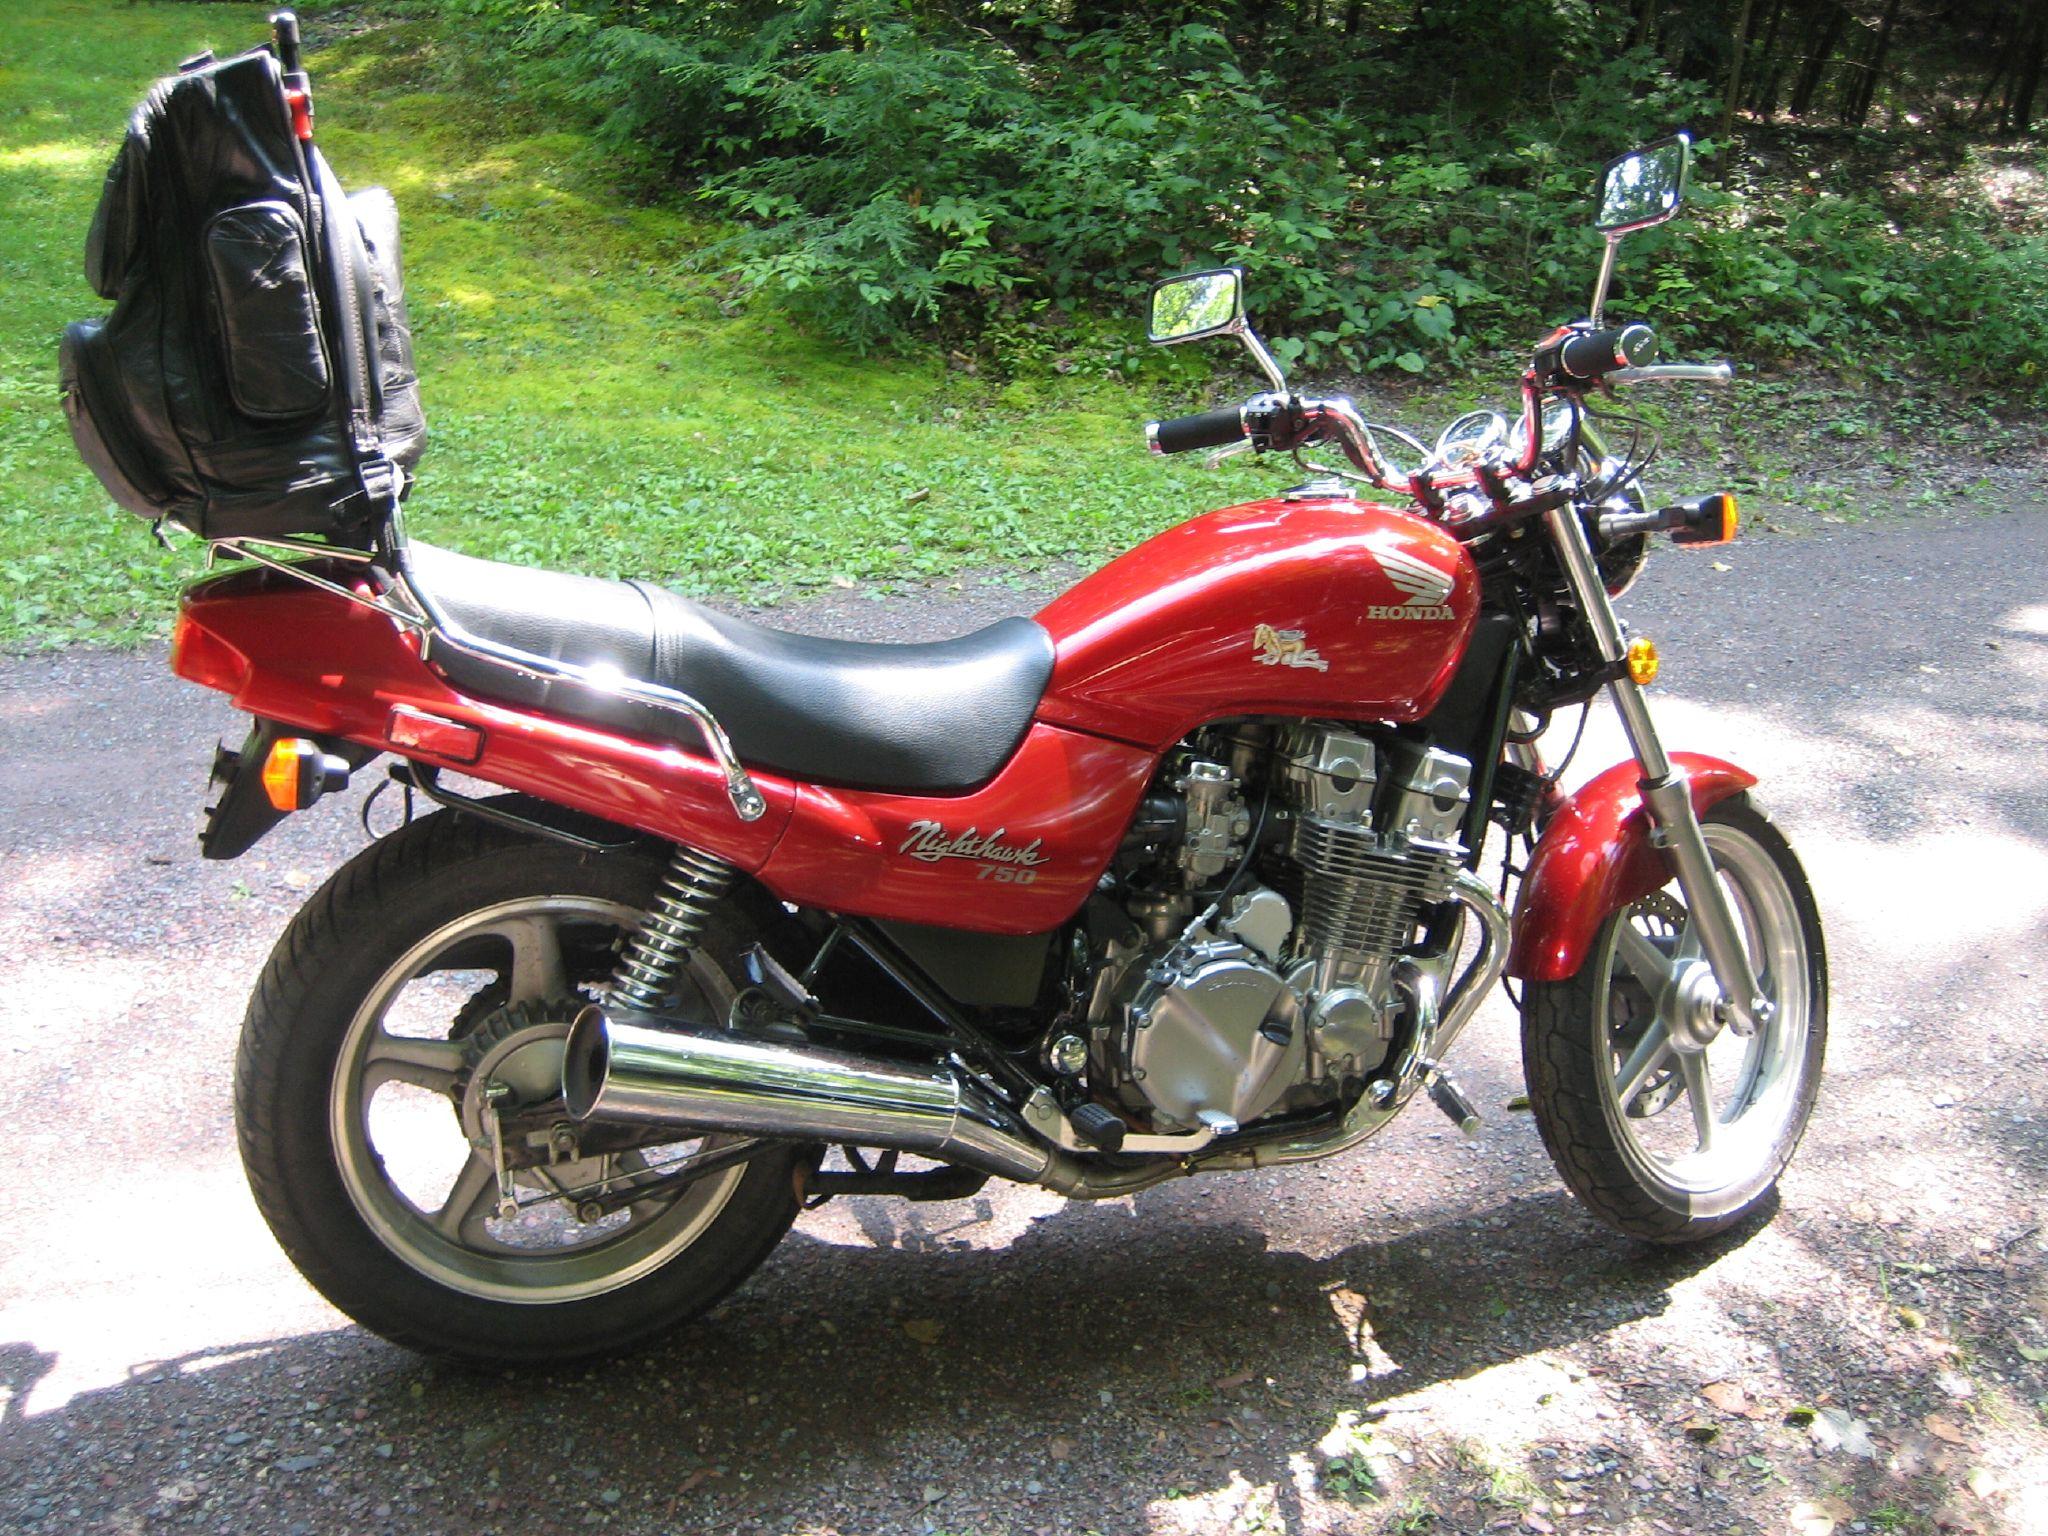 FileHonda CB750 Nighthawk Red